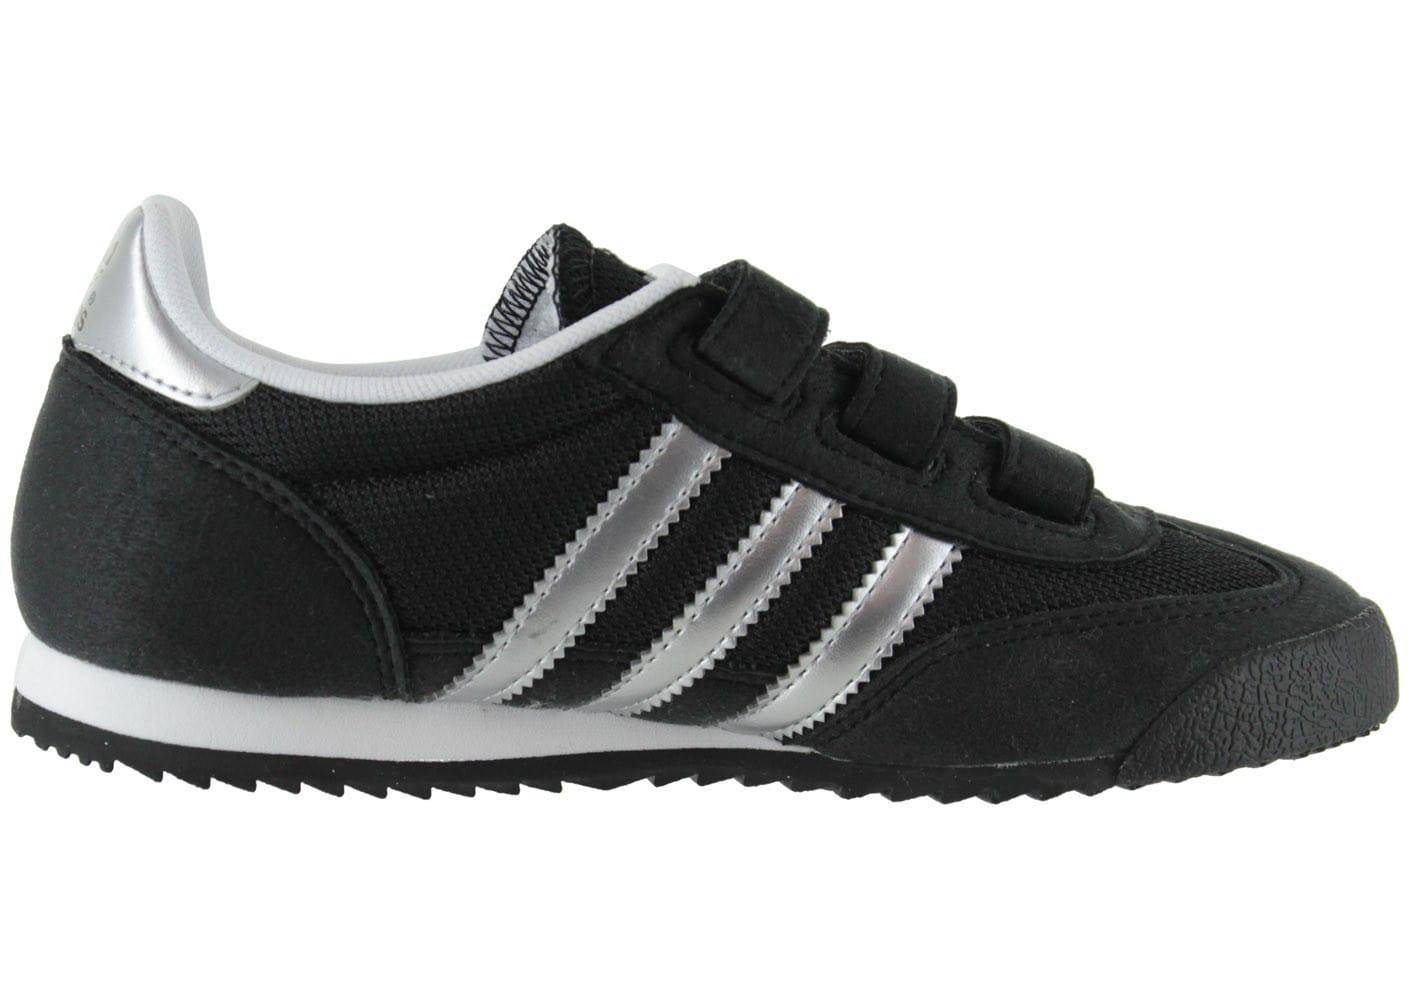 big sale 8d9af b6c9d Vente adidas dragon garcon Gatorade Daim Vert Pas Chers Livraison gratuite,  Basket de trs haute qualit. - homemedical.fr